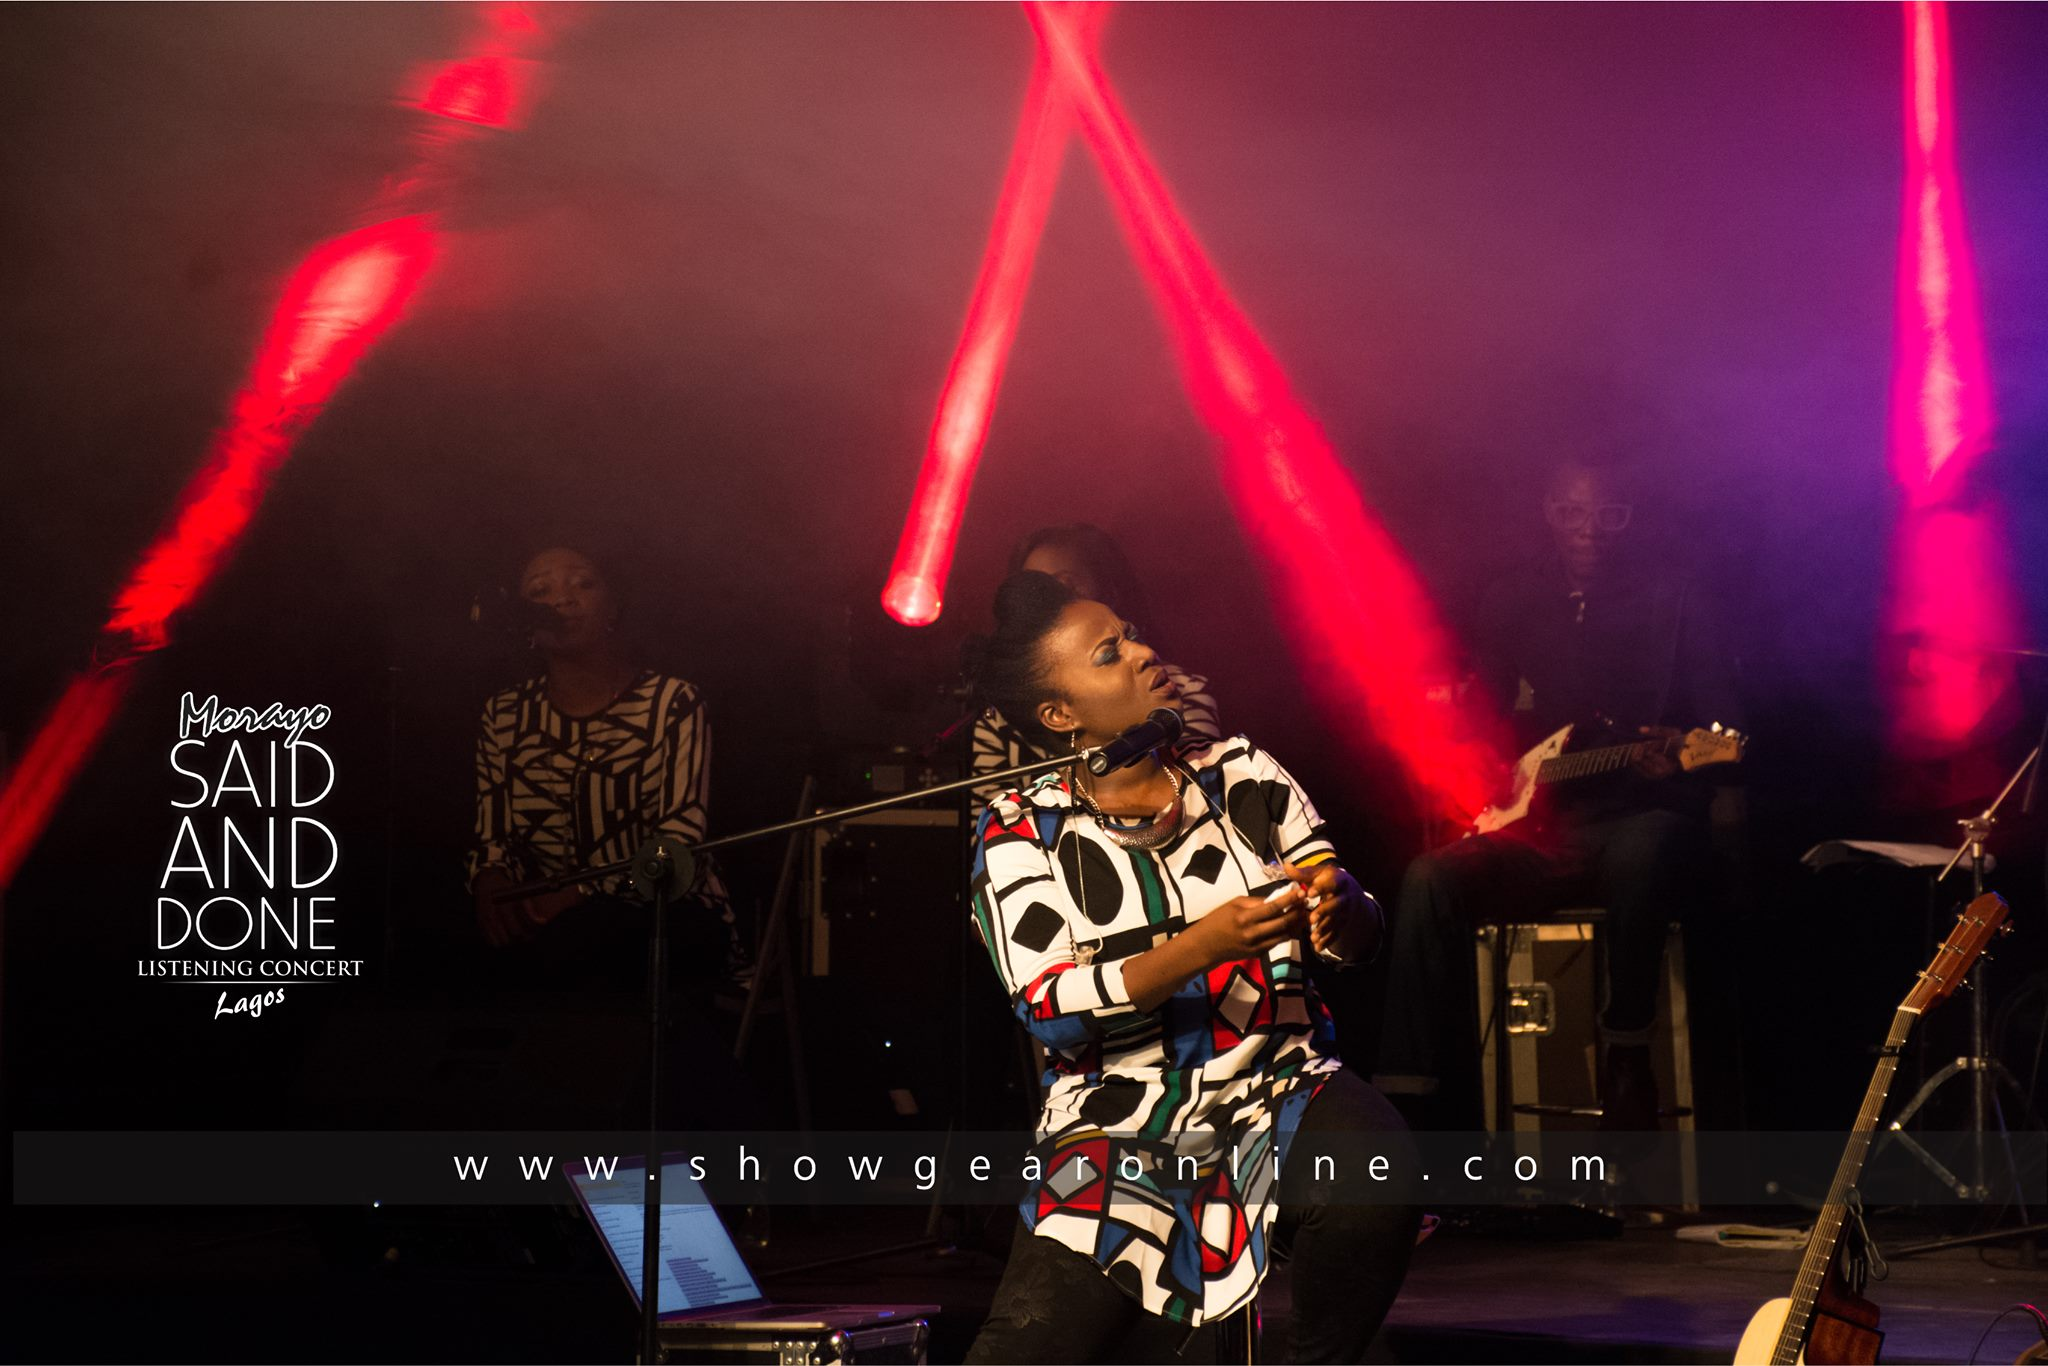 Album leak Lagos, Nigeria. Sponsored by Showgear. Oct. 30th 2016